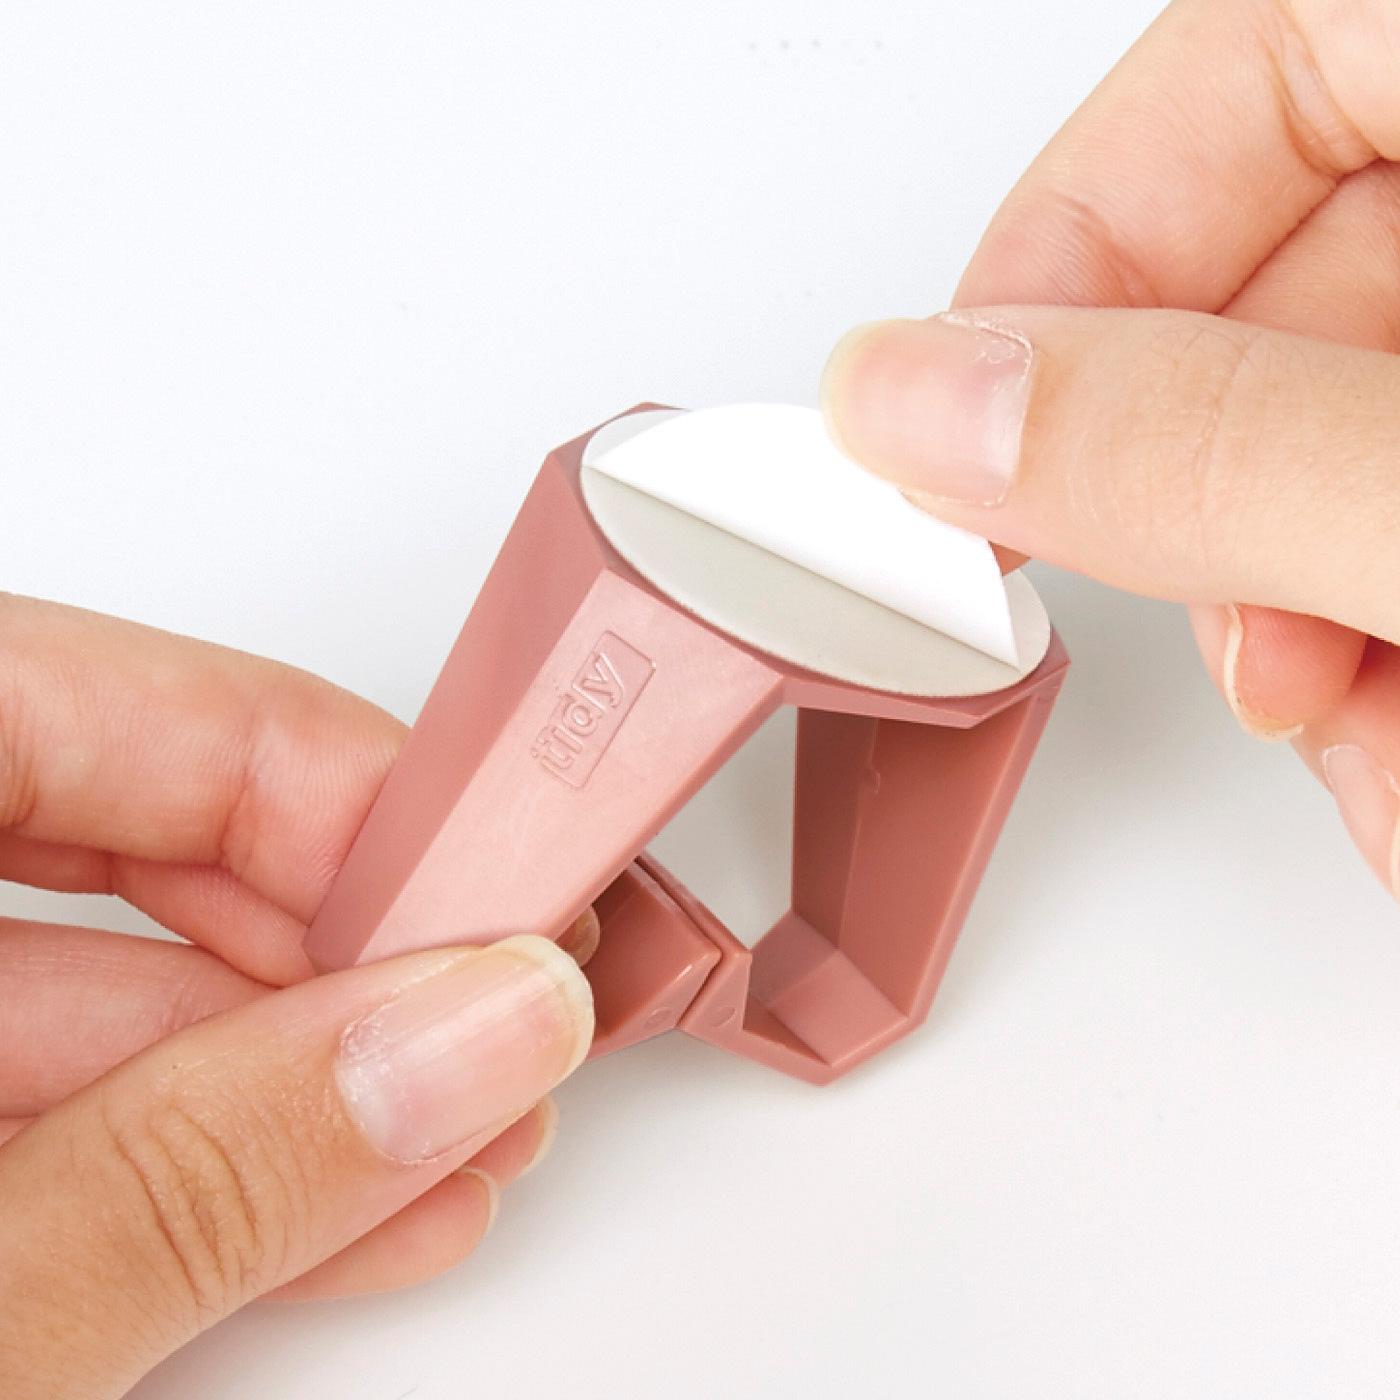 粘着テープで貼るだけ つり戸棚の下などに簡単に付けられます。